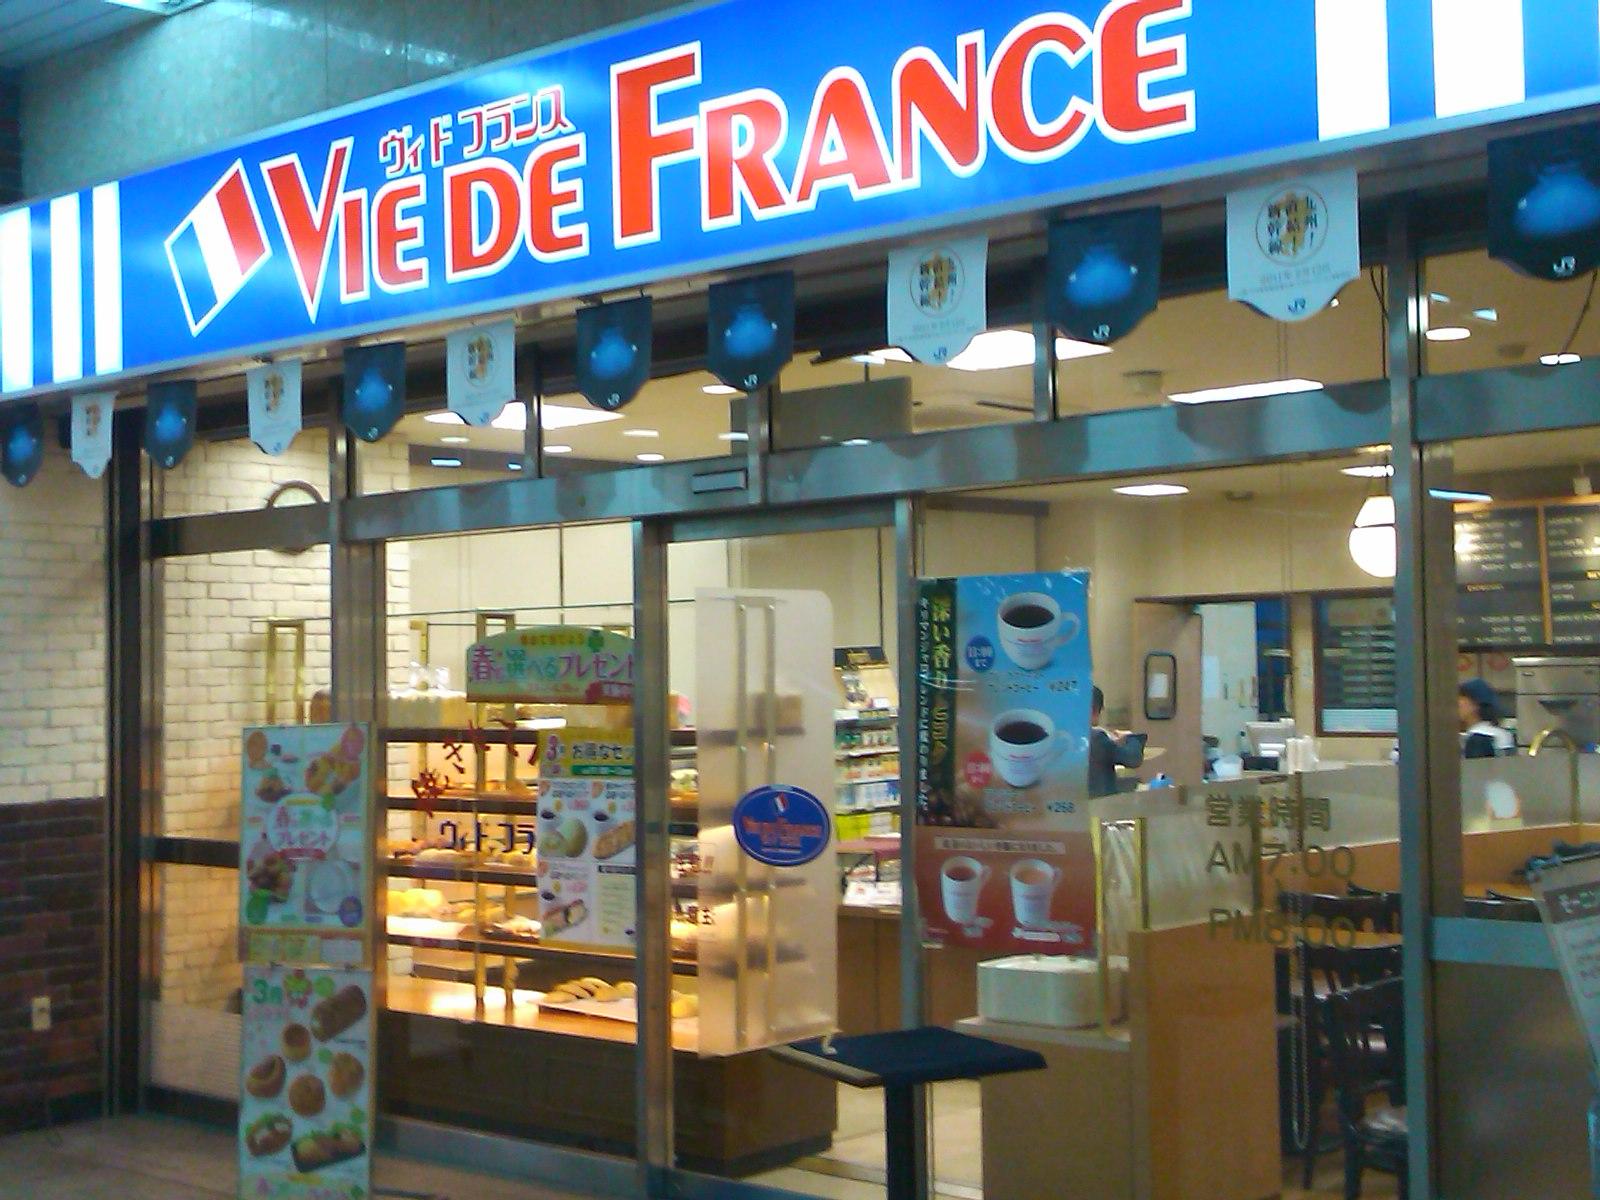 ヴィ・ド・フランス 新山口店